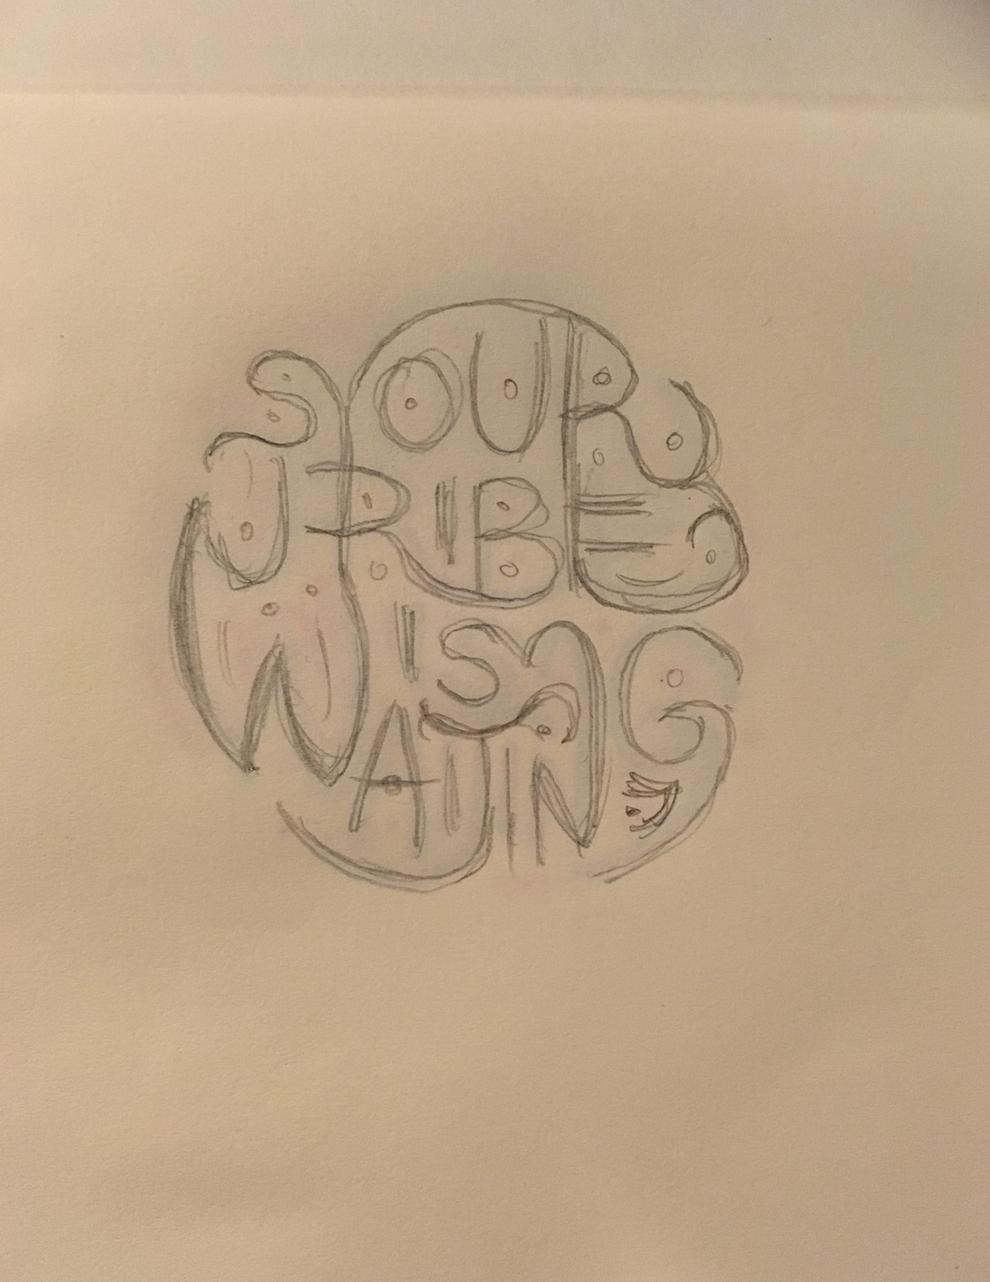 https://www.instagram.com/artsy.arty.art/